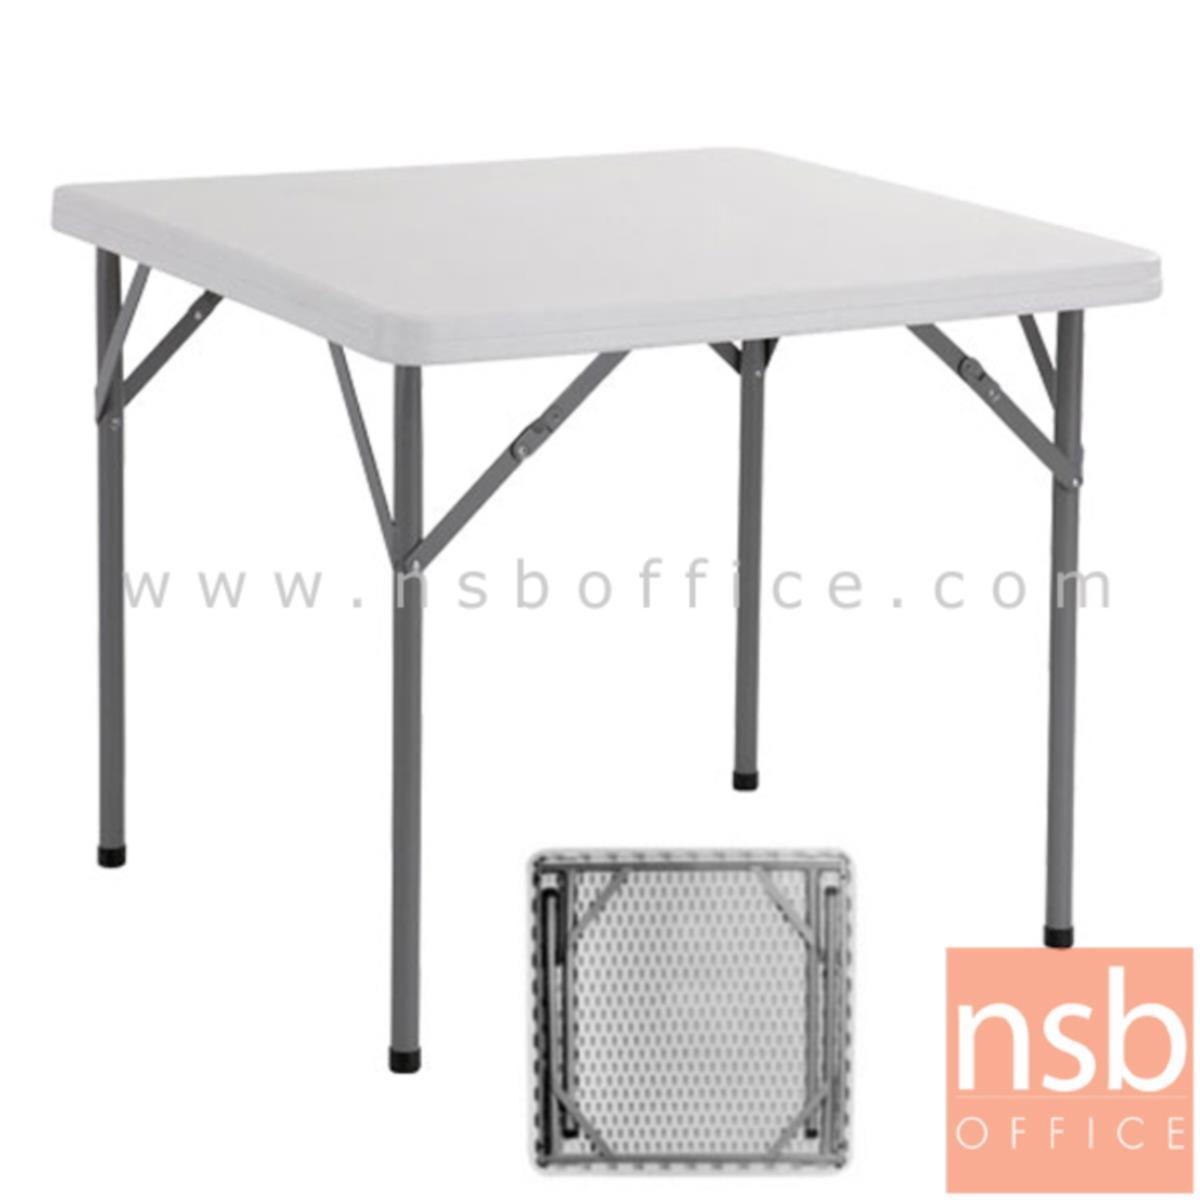 A19A023:โต๊ะพับหน้าพลาสติก รุ่น Seafoll (ซีโฟล) ขนาด 86W cm.  ขาอีพ็อกซี่เกล็ดเงิน